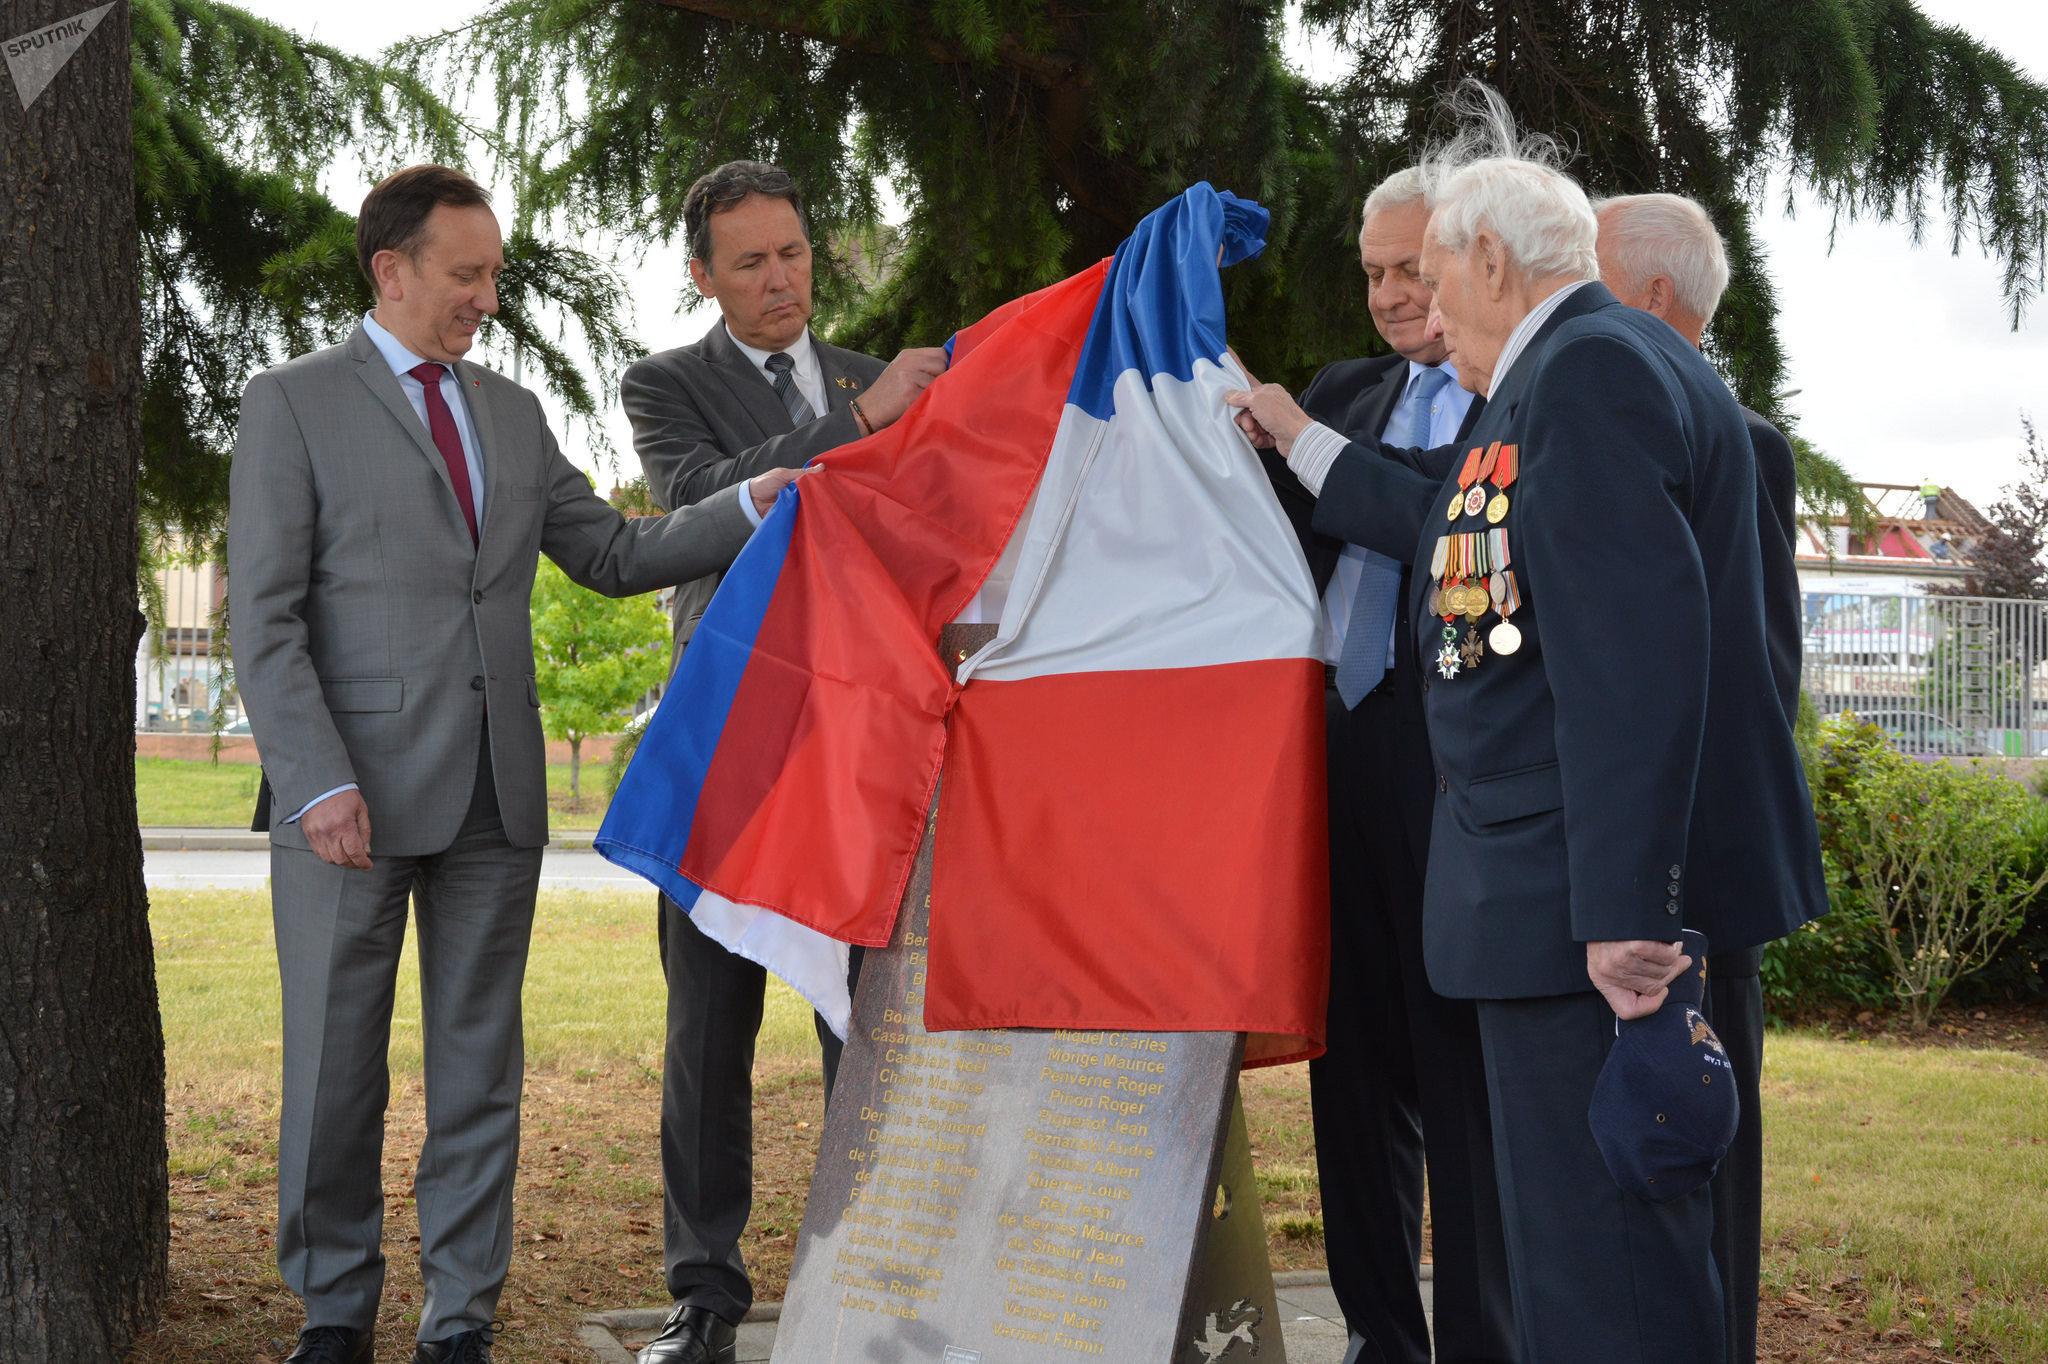 Inauguration d'une plaque commémorative en l'honneur des pilotes de l'escadron Normandie-Niemen